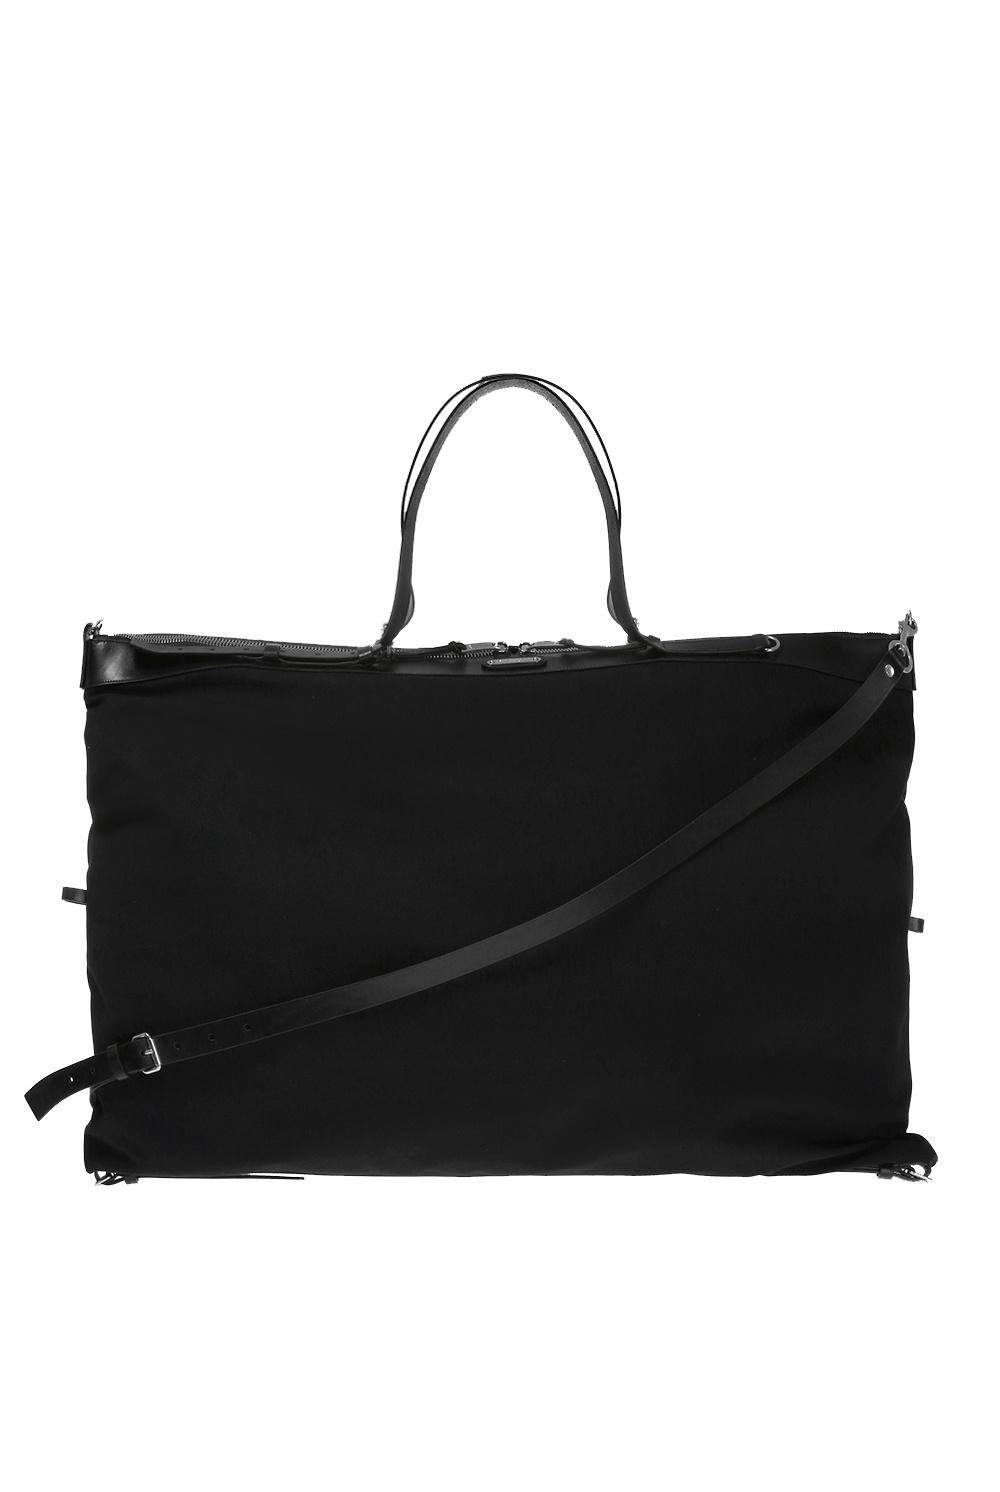 Saint Laurent Logo-embossed shoulder bag